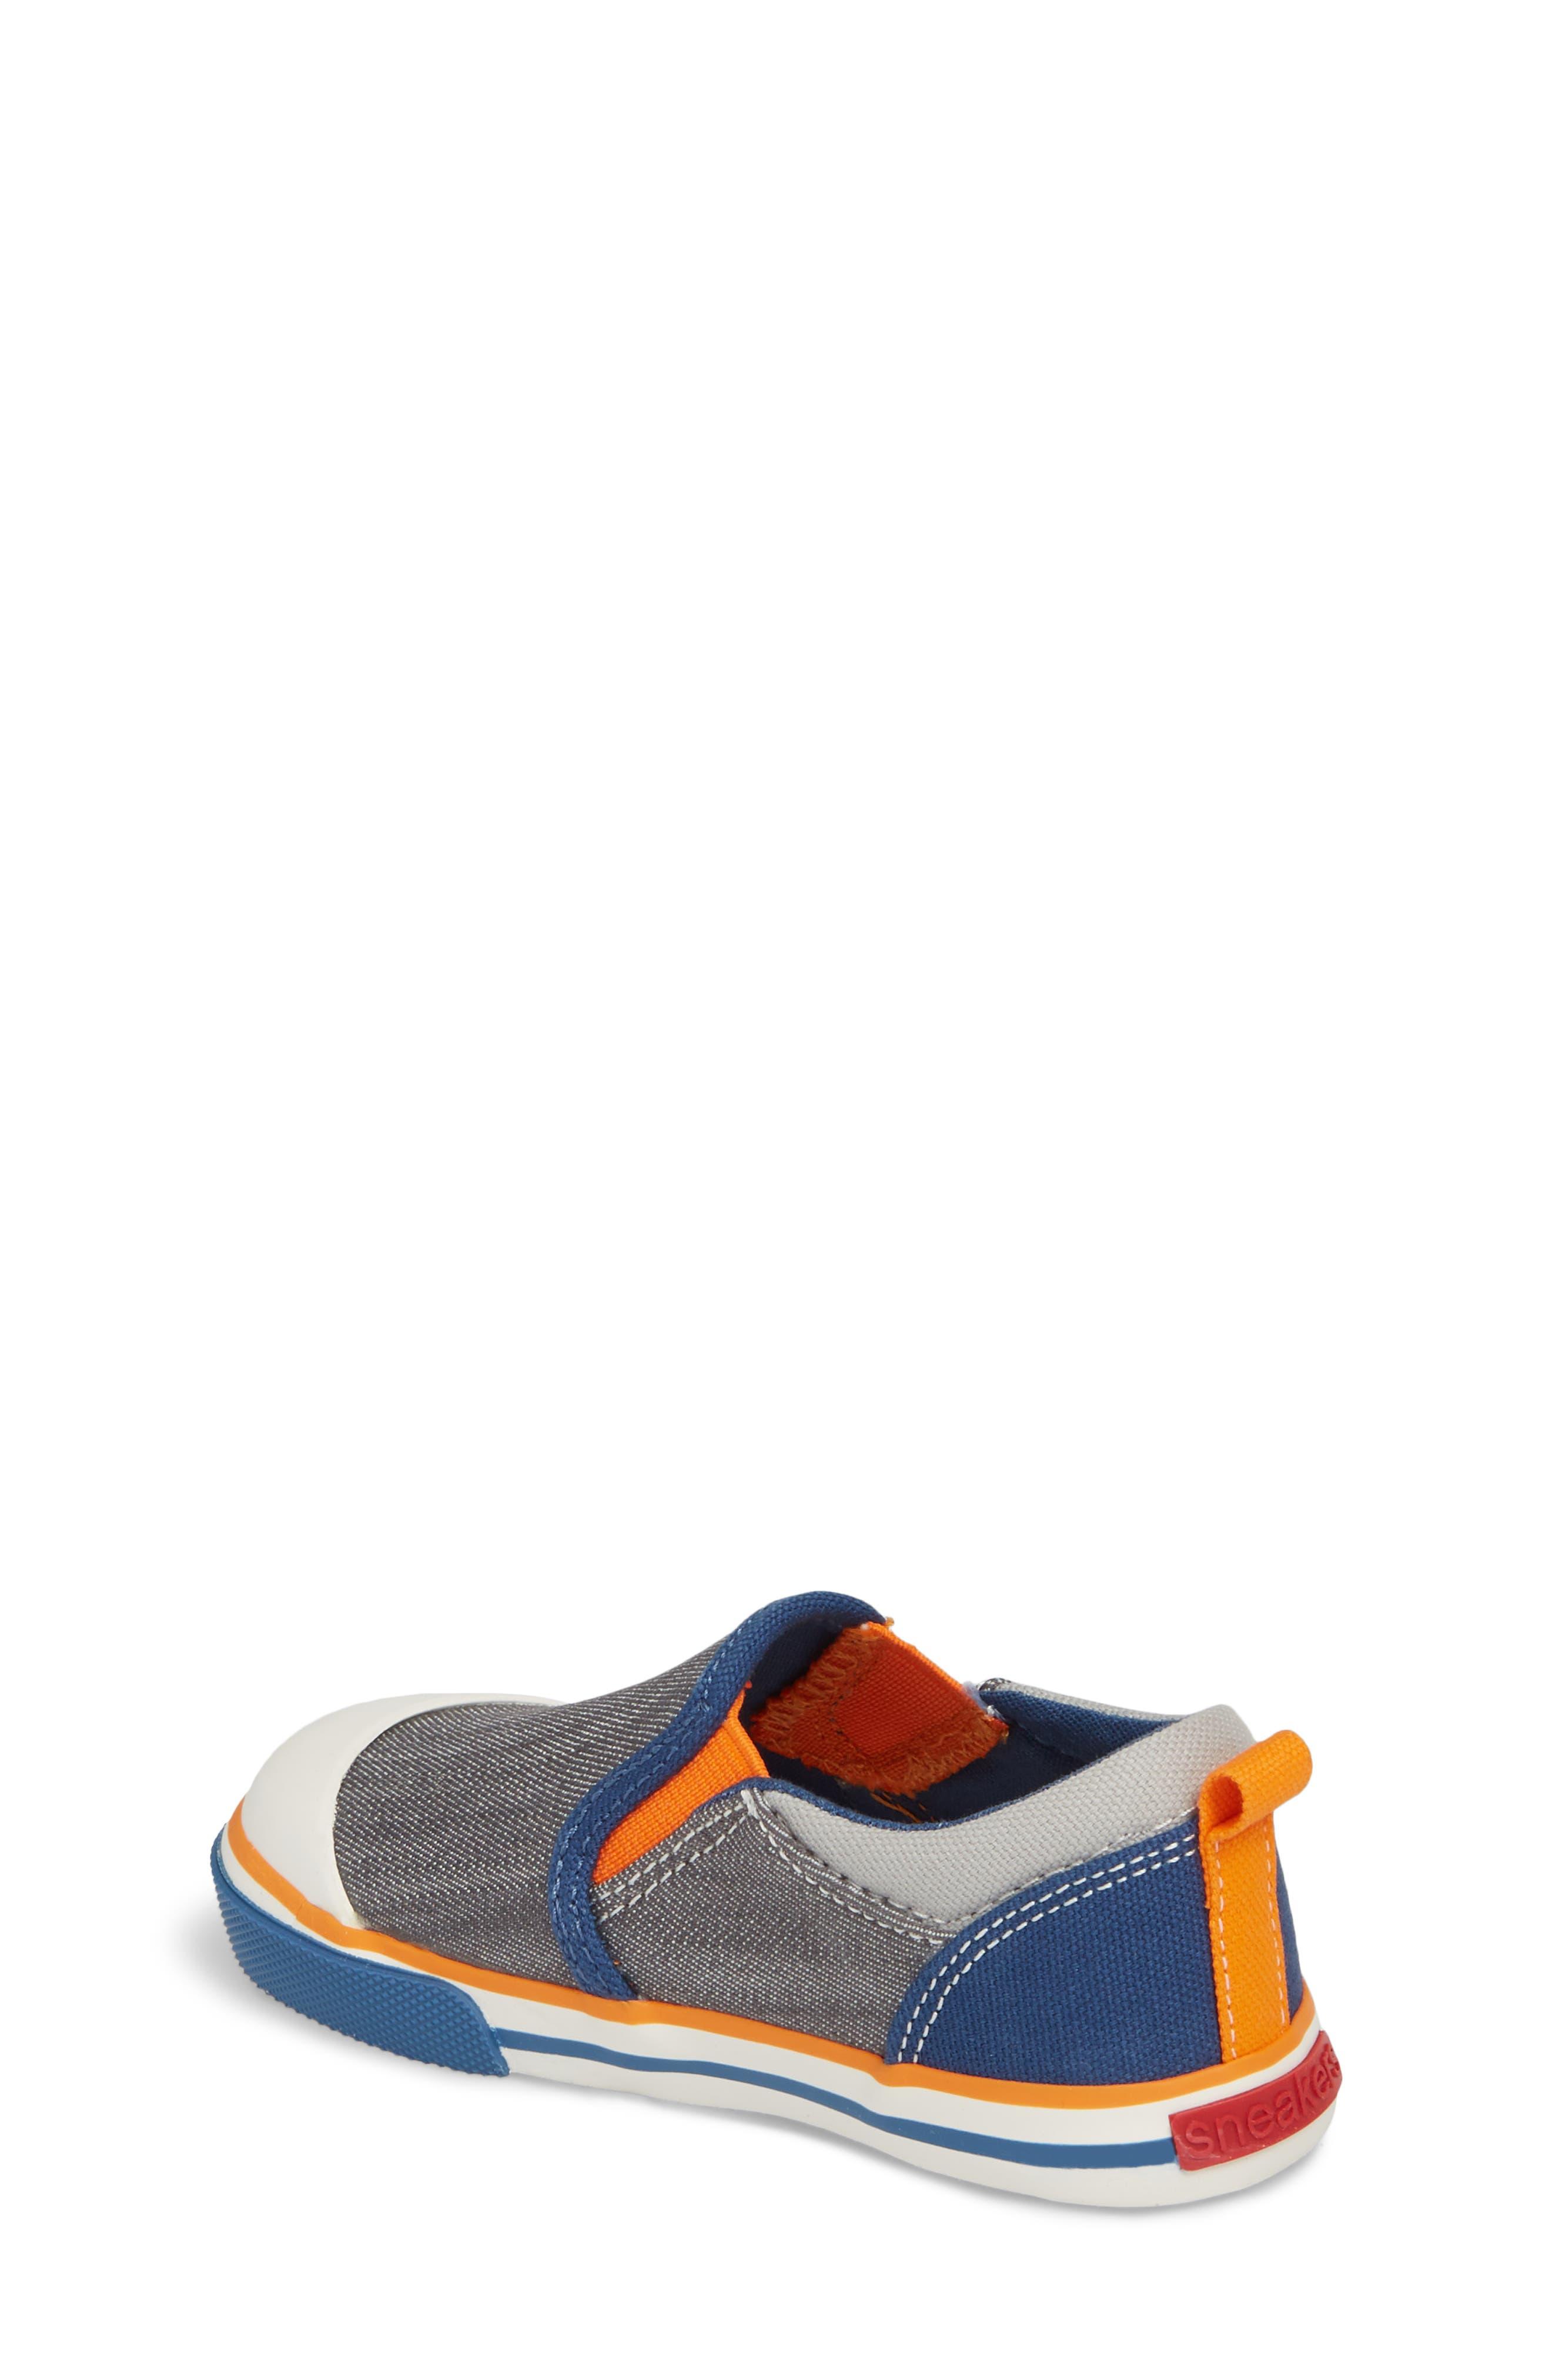 Slater Colorblock Slip-On Sneaker,                             Alternate thumbnail 2, color,                             Gray/ Blue